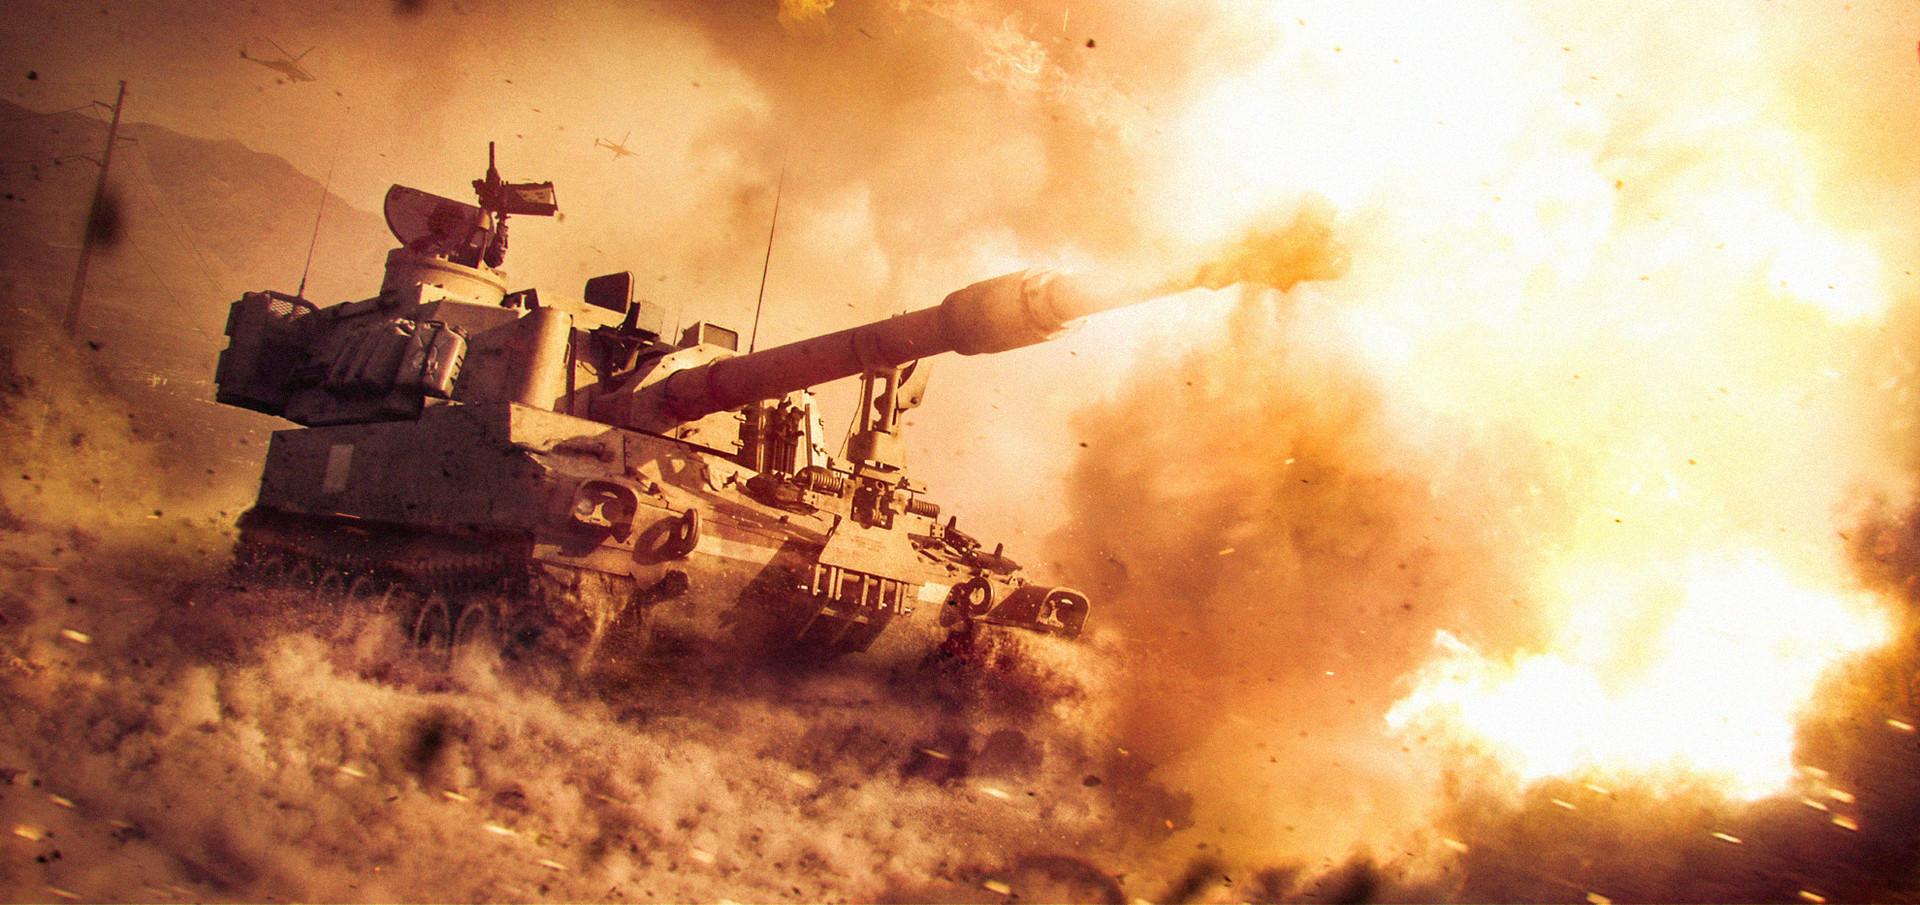 Alik sarkisyan shooting paladin opt with bg fin revision more fire